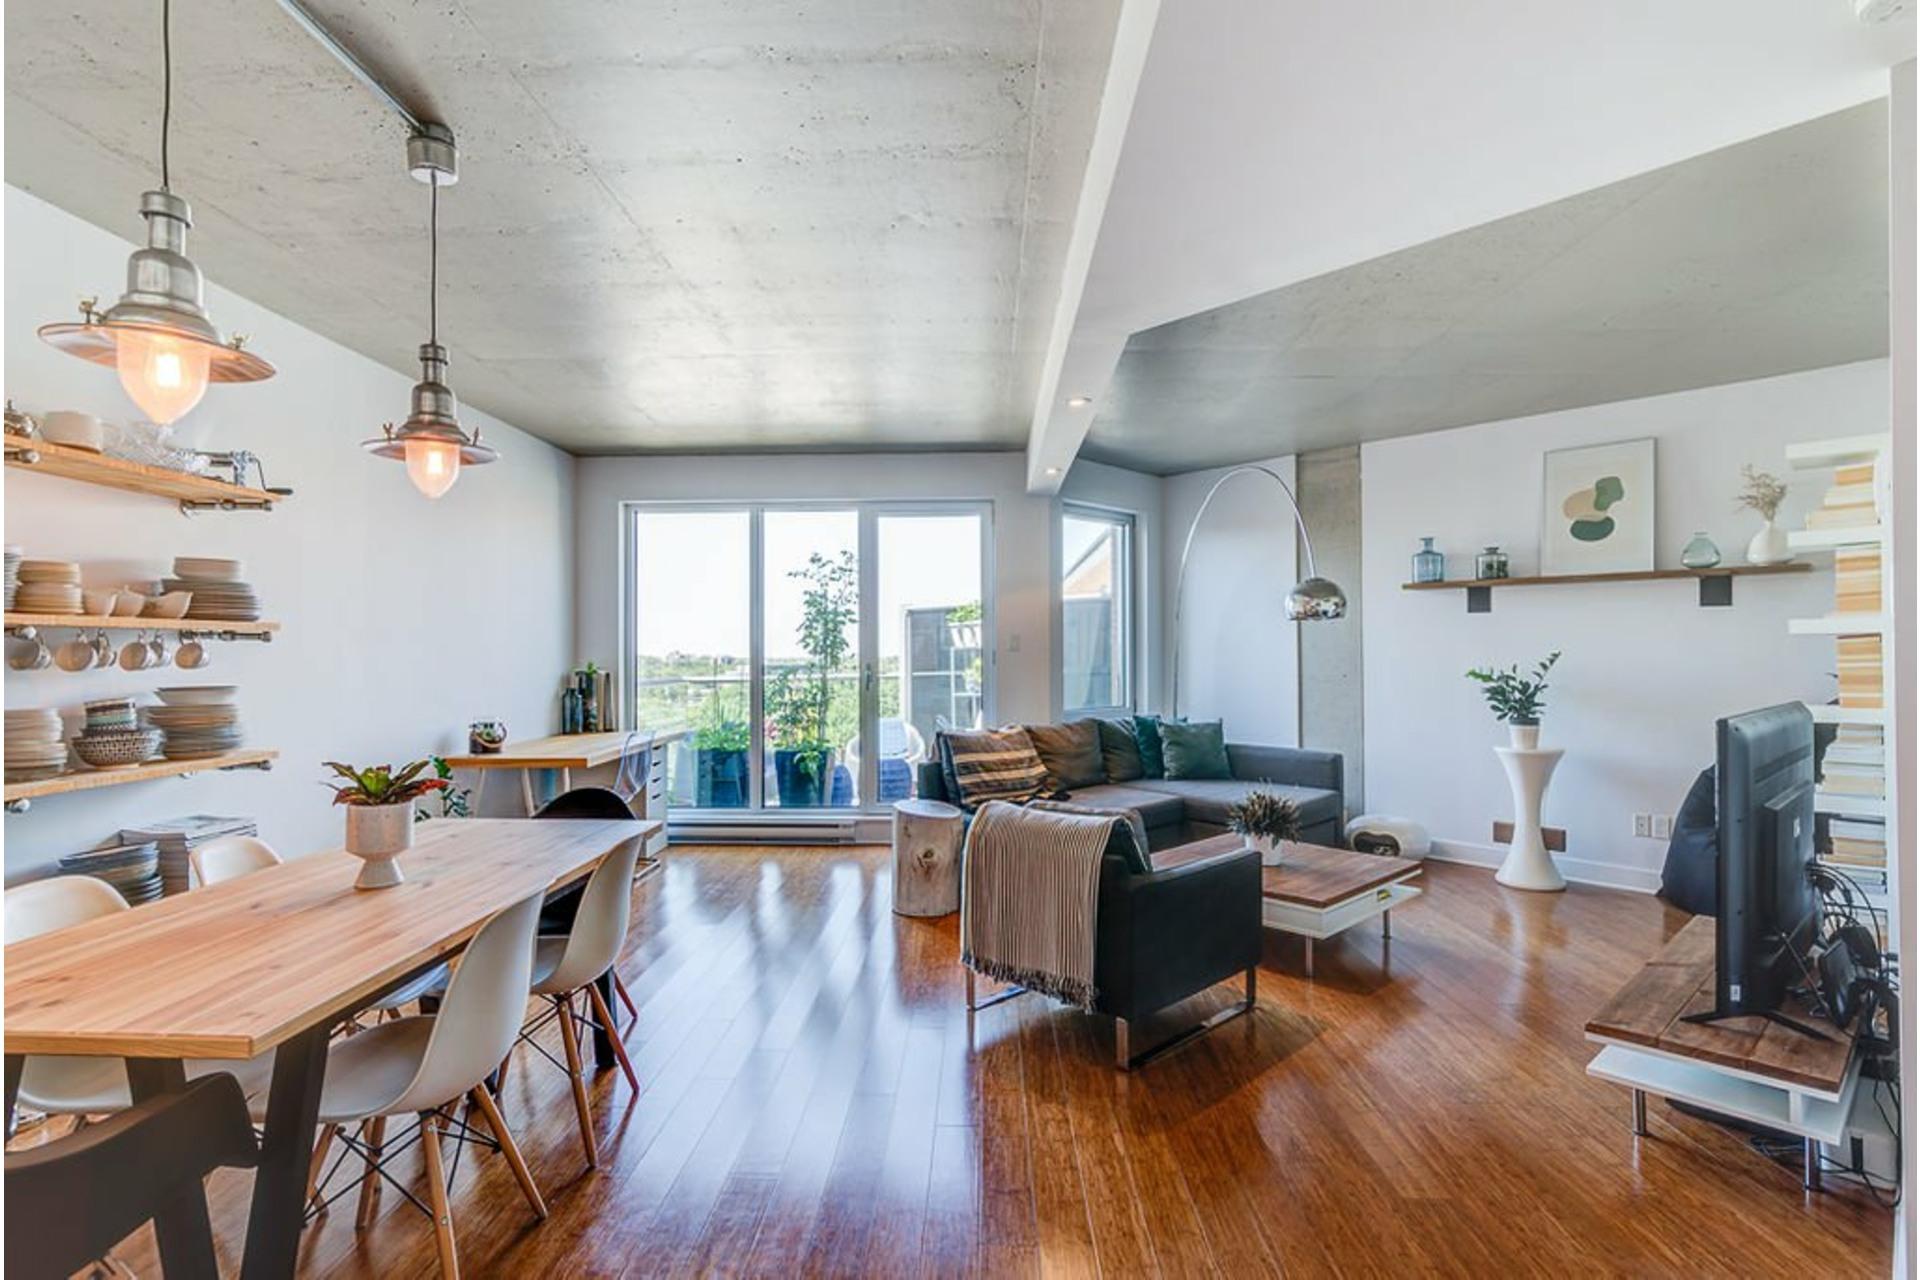 image 1 - Apartment For sale Villeray/Saint-Michel/Parc-Extension Montréal  - 4 rooms